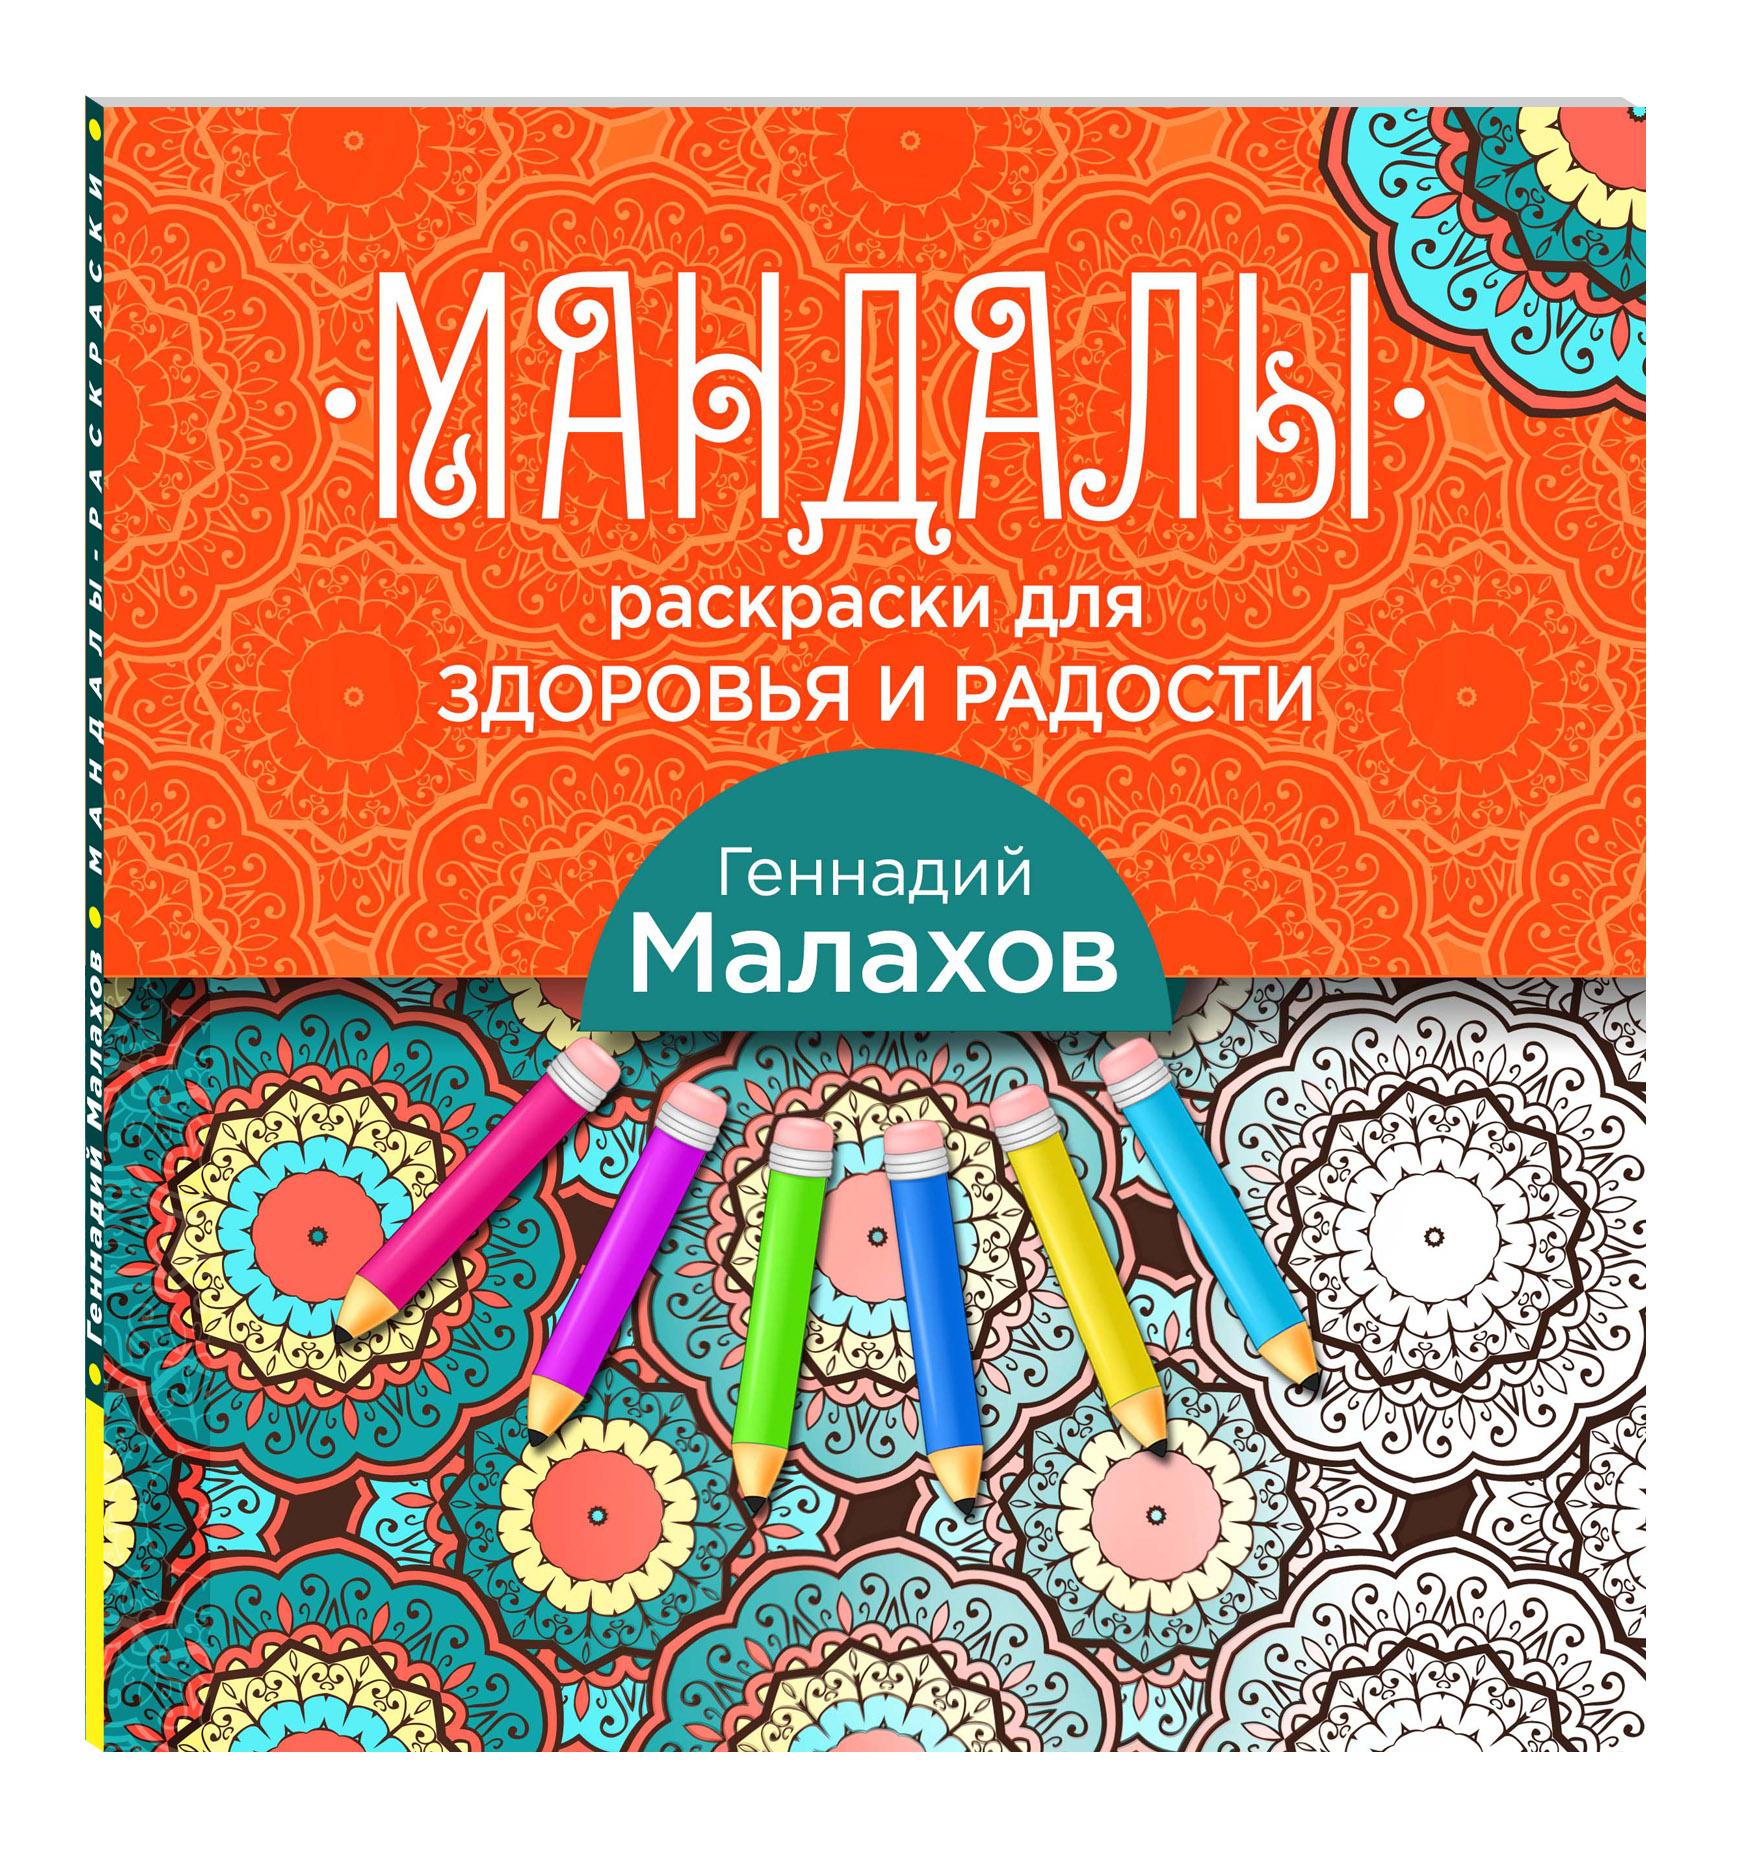 Мандалы-раскраски для здоровья и радости ( Геннадий Малахов  )